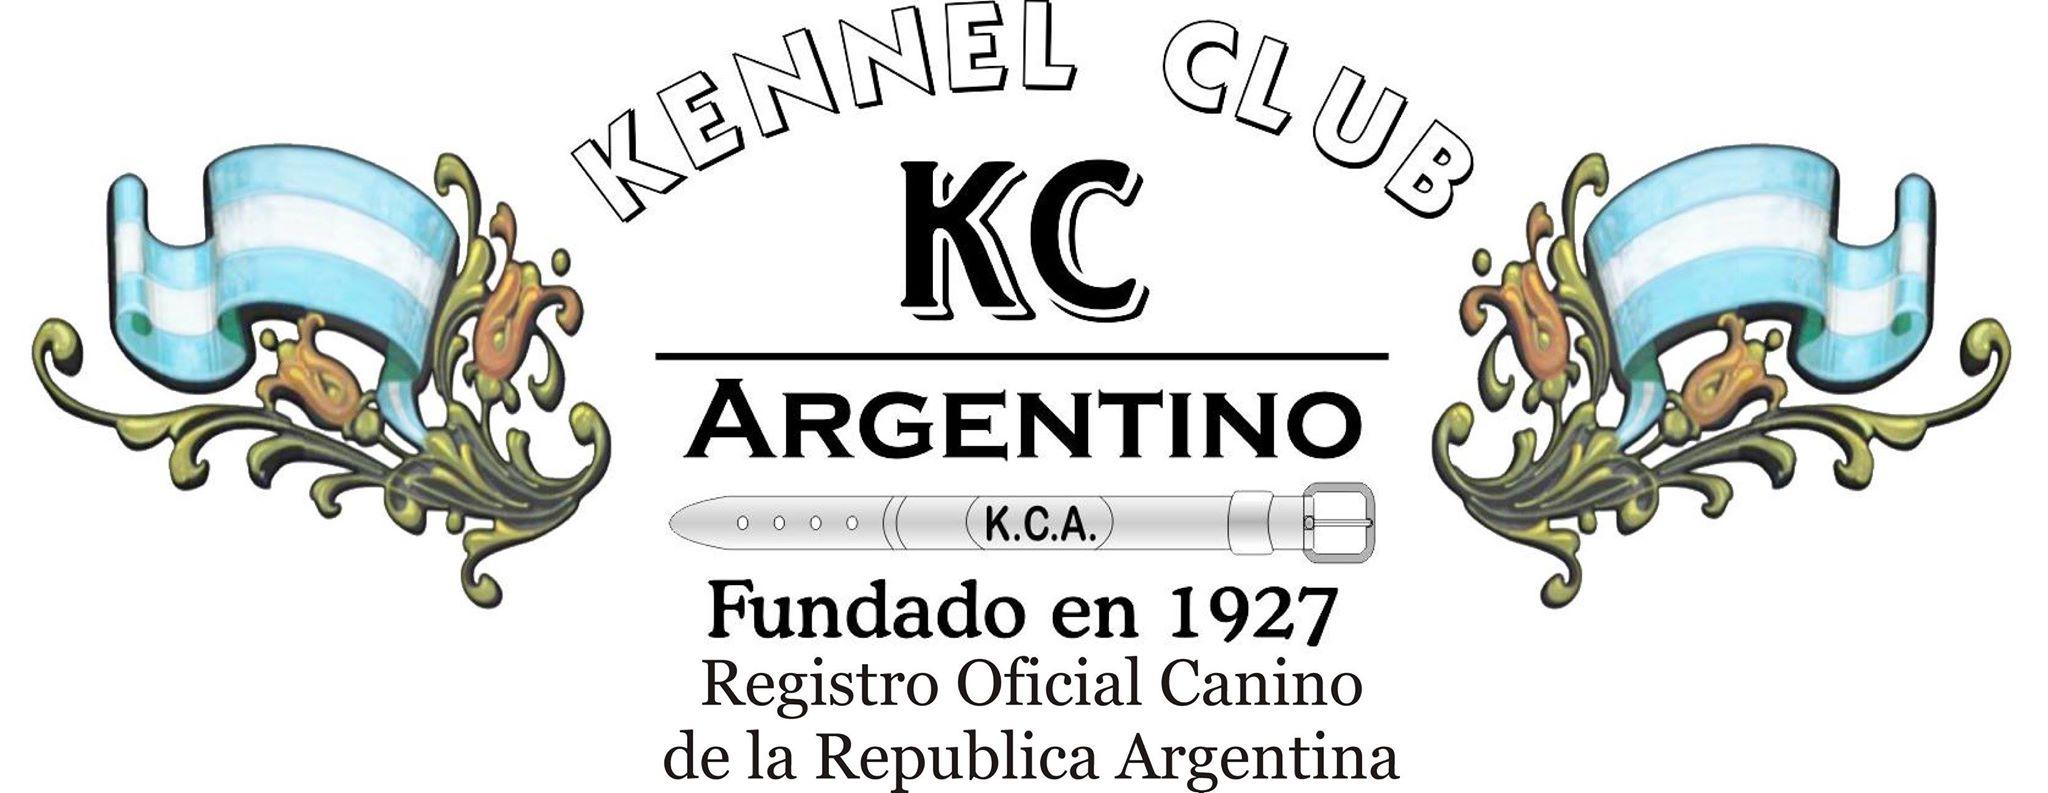 logo KCA, Oficial y Republica Argentina